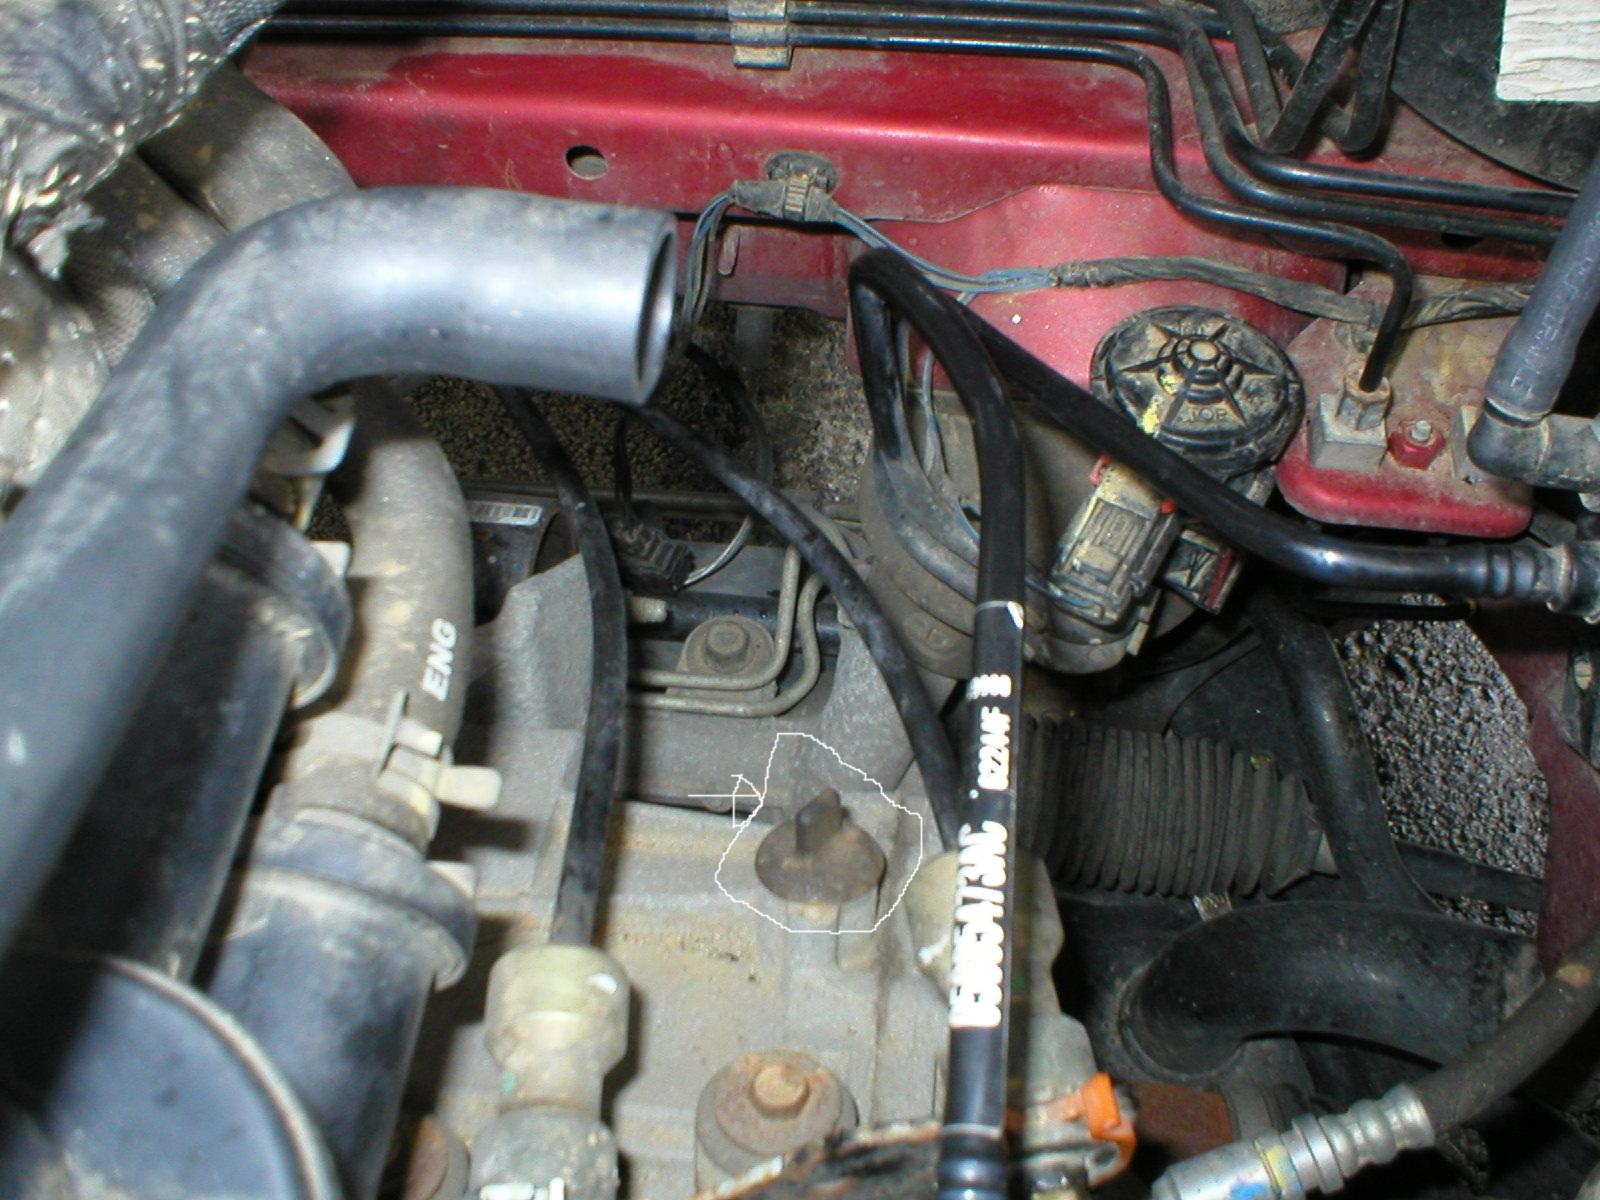 entretien caliber essence - Page 3 285608P1010186